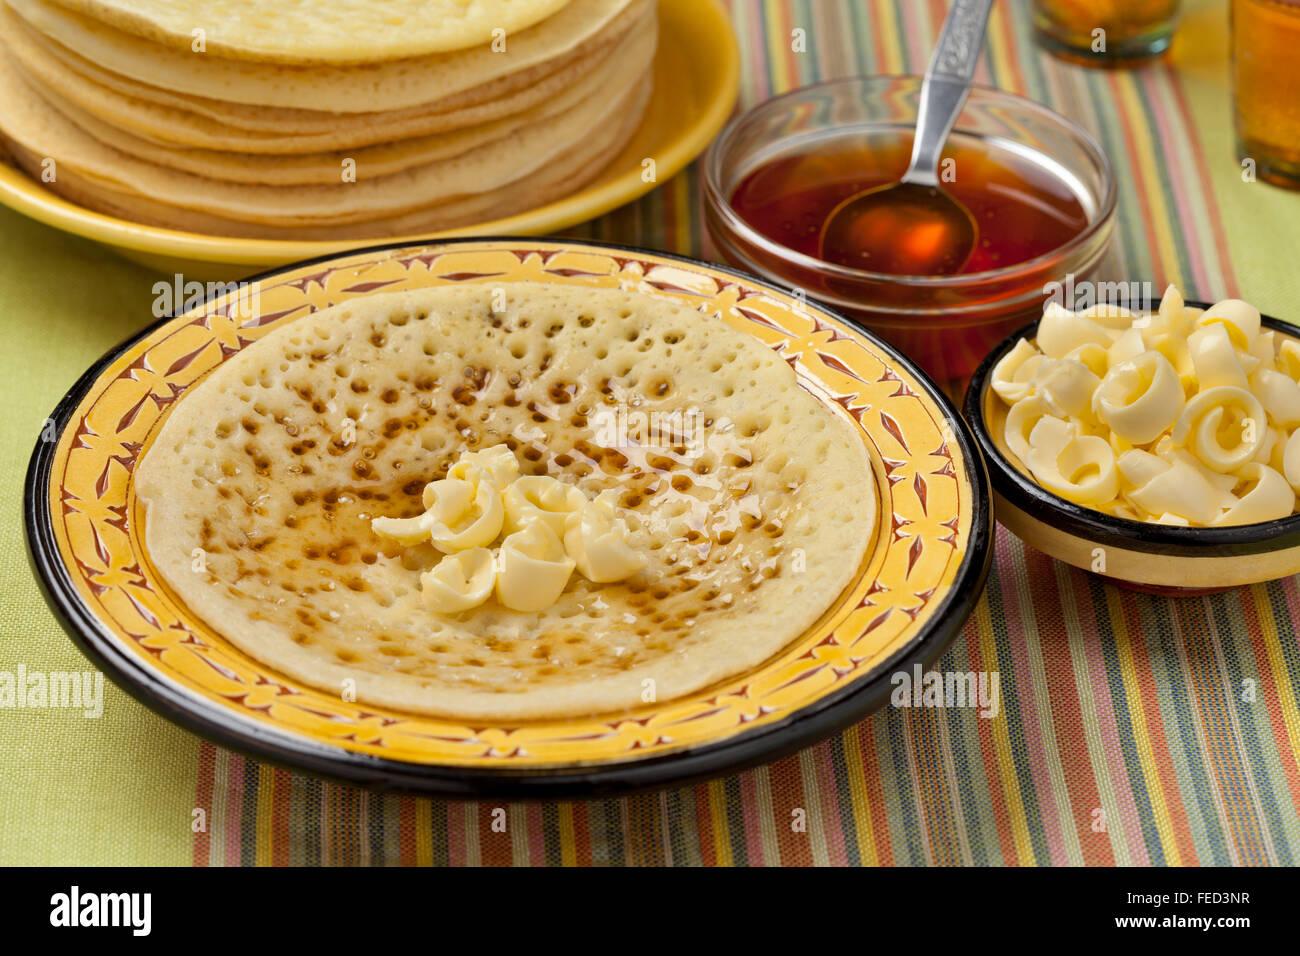 Beghrir marroquíes tradicionales tortitas con mantequilla y miel Imagen De Stock